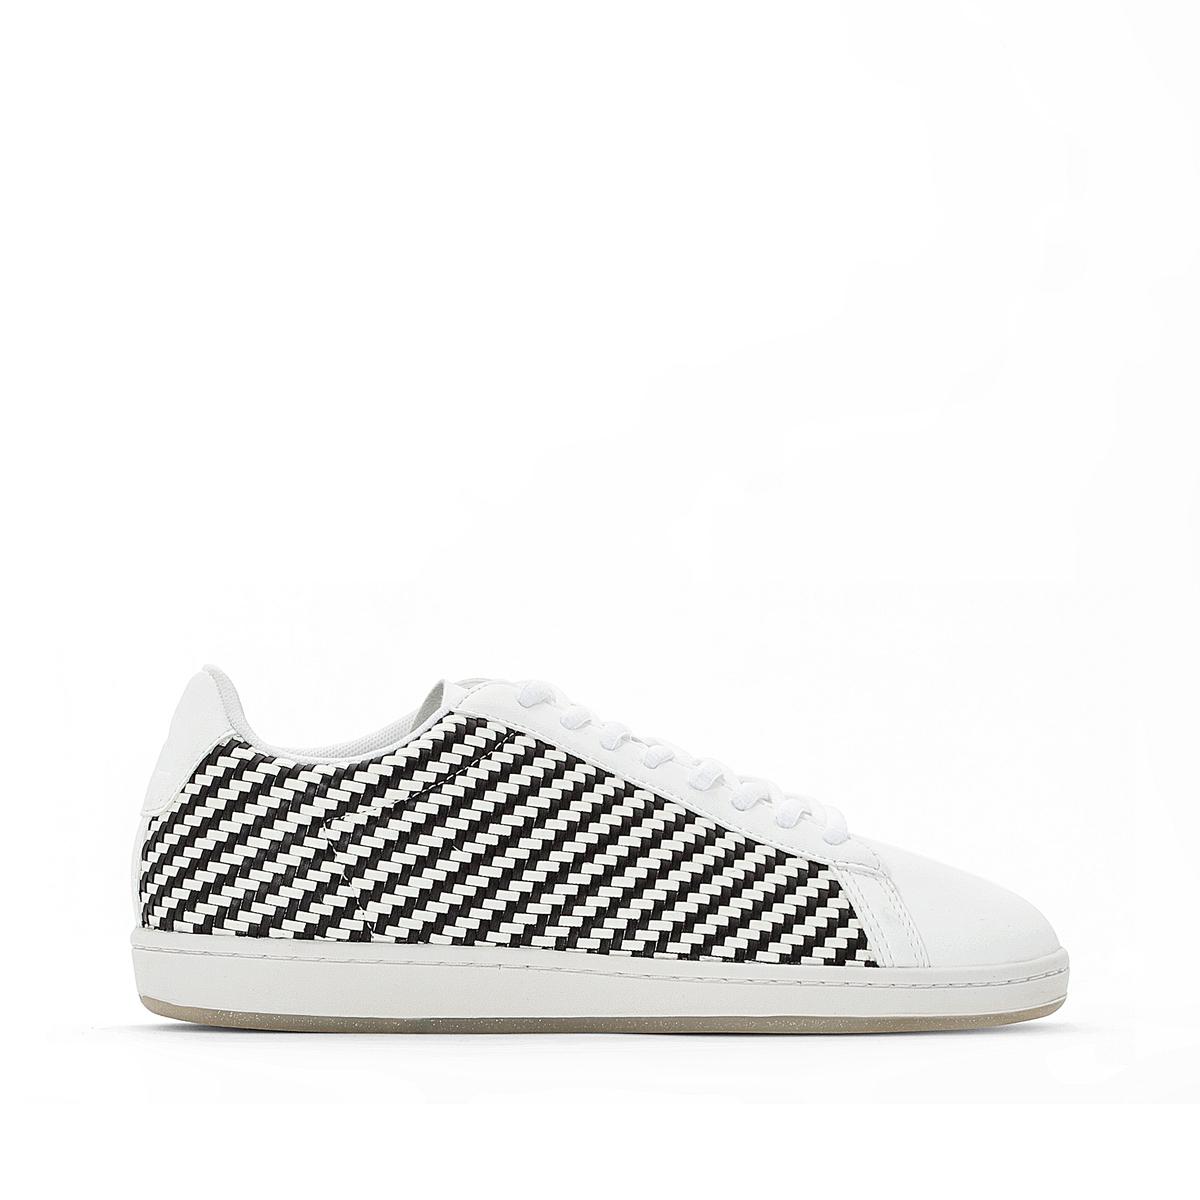 Imagen adicional de producto de Zapatillas Courtset W Woven - le coq sportif